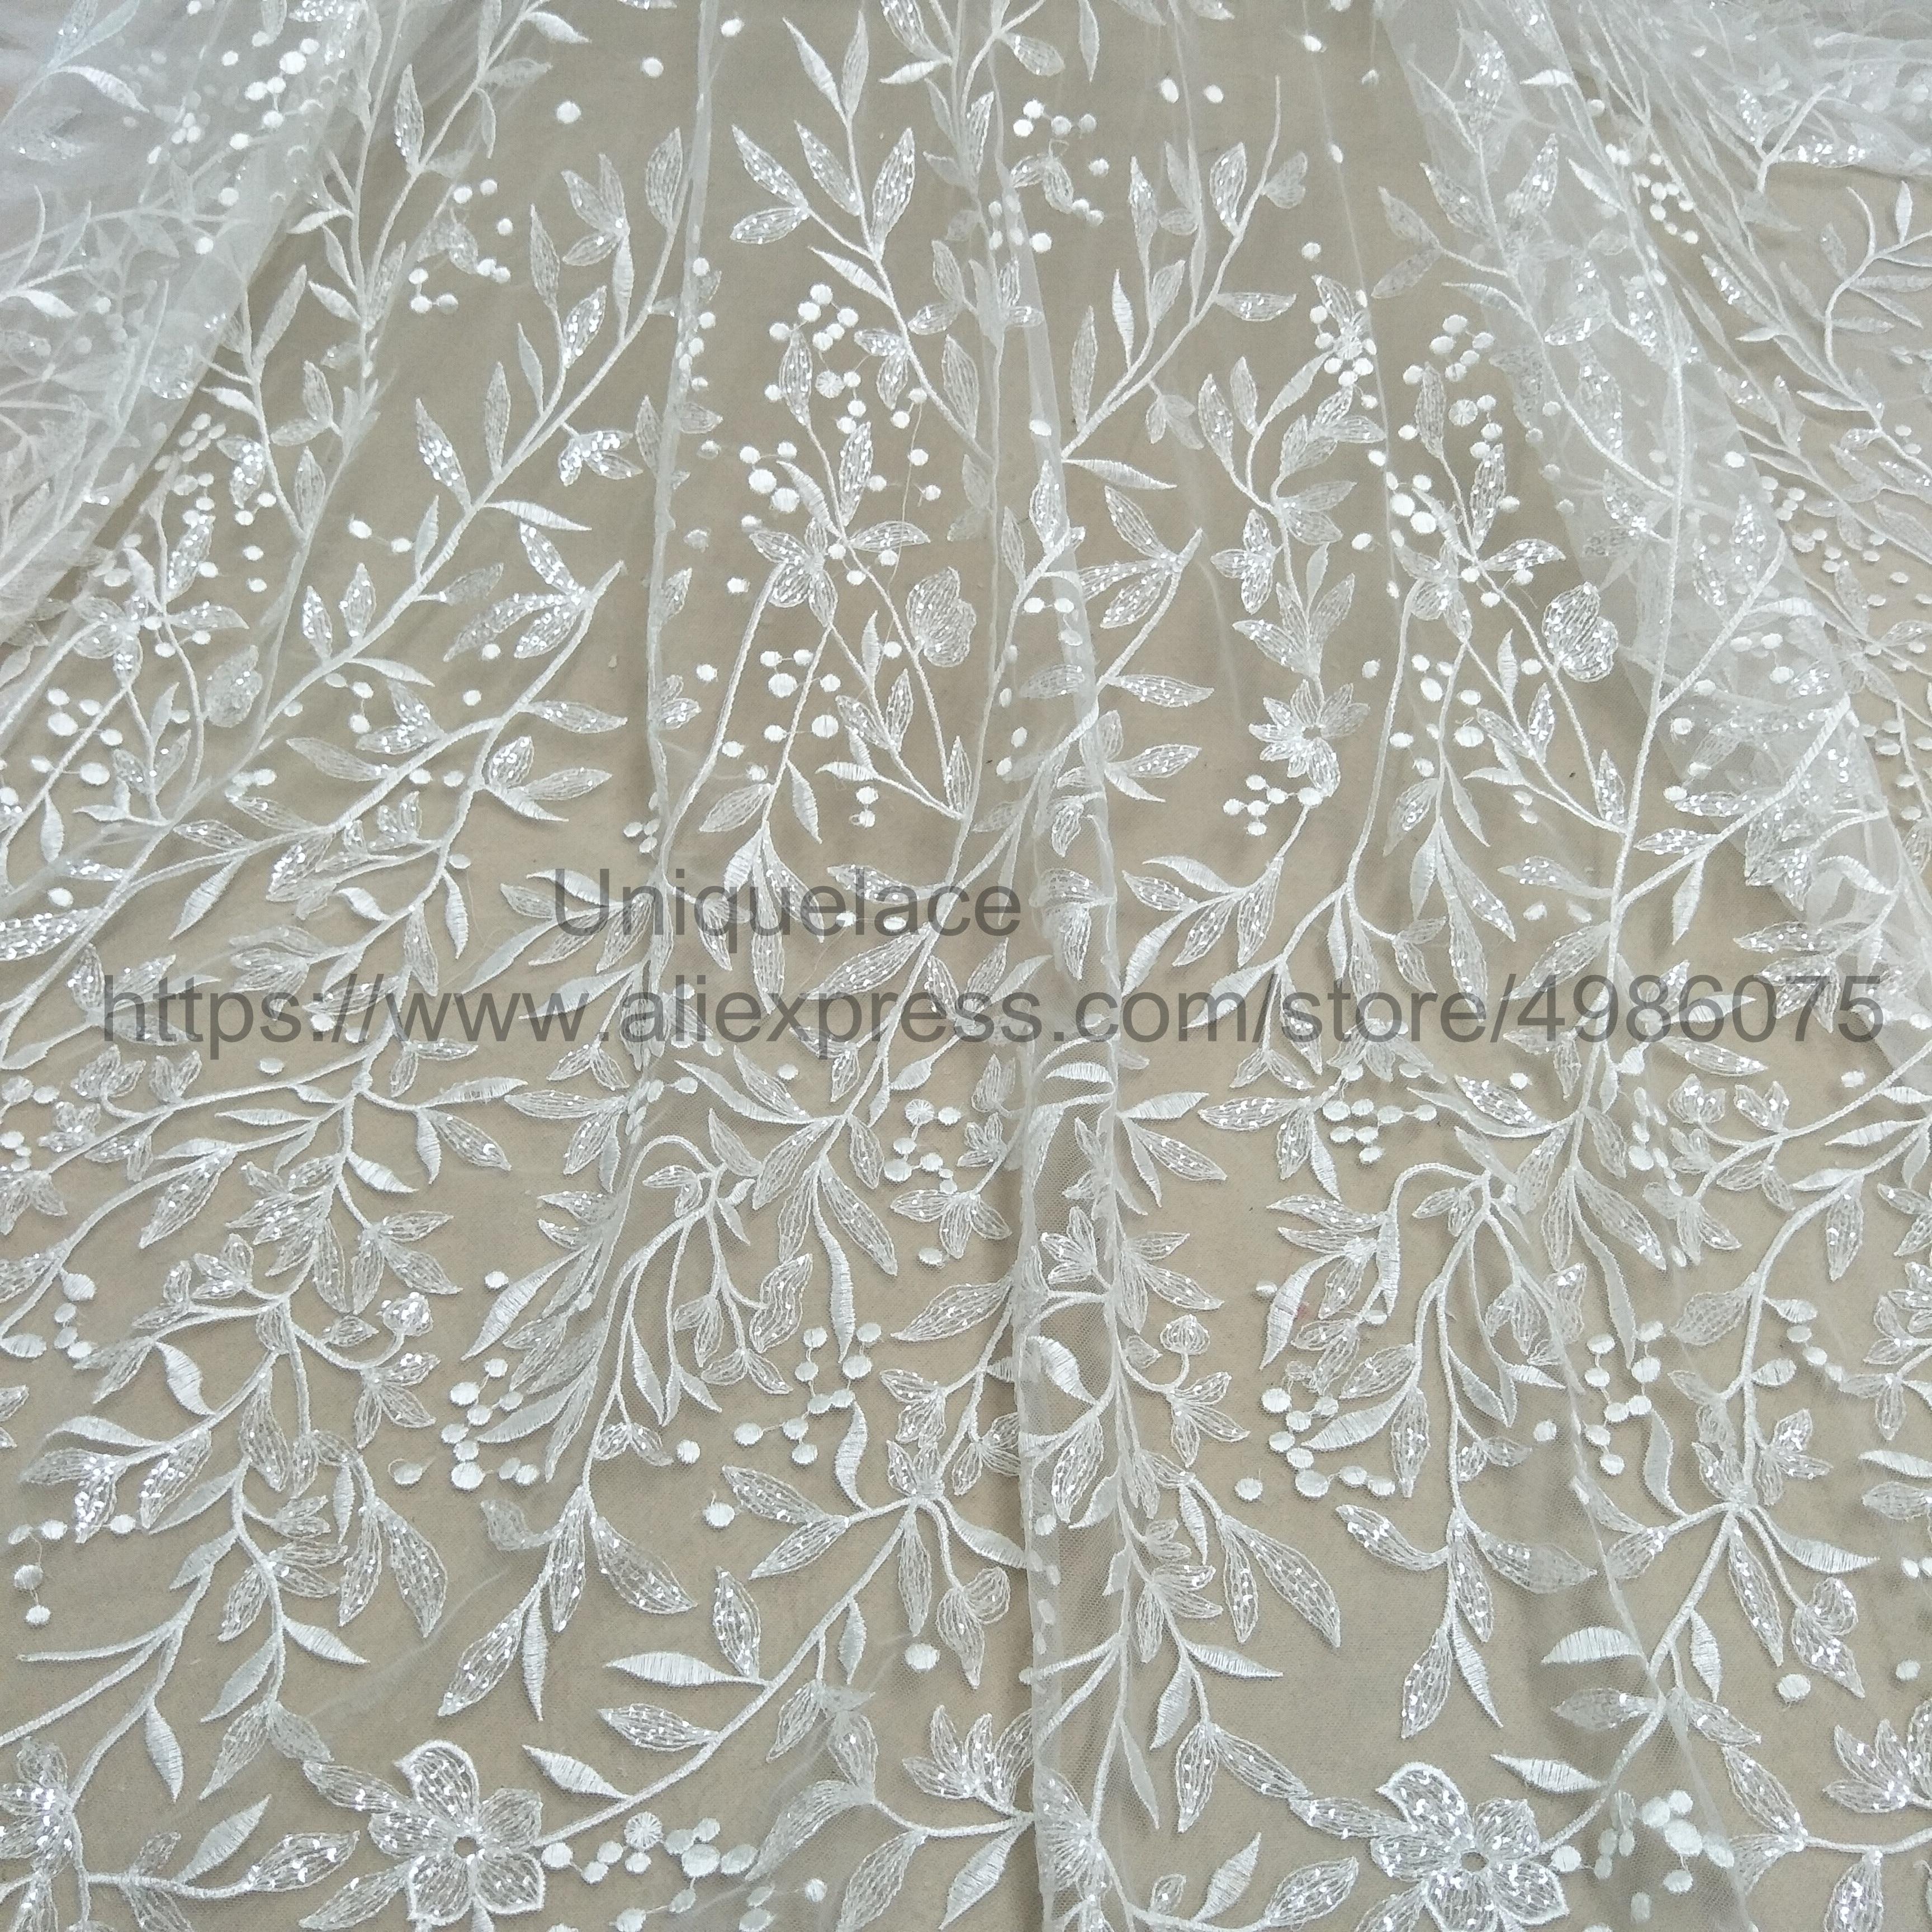 2020 Folhas de tecido vestido de 130 centímetros de transporte em todo o mundo vestido de lantejoulas worldwide shippin moda do laço do marfim